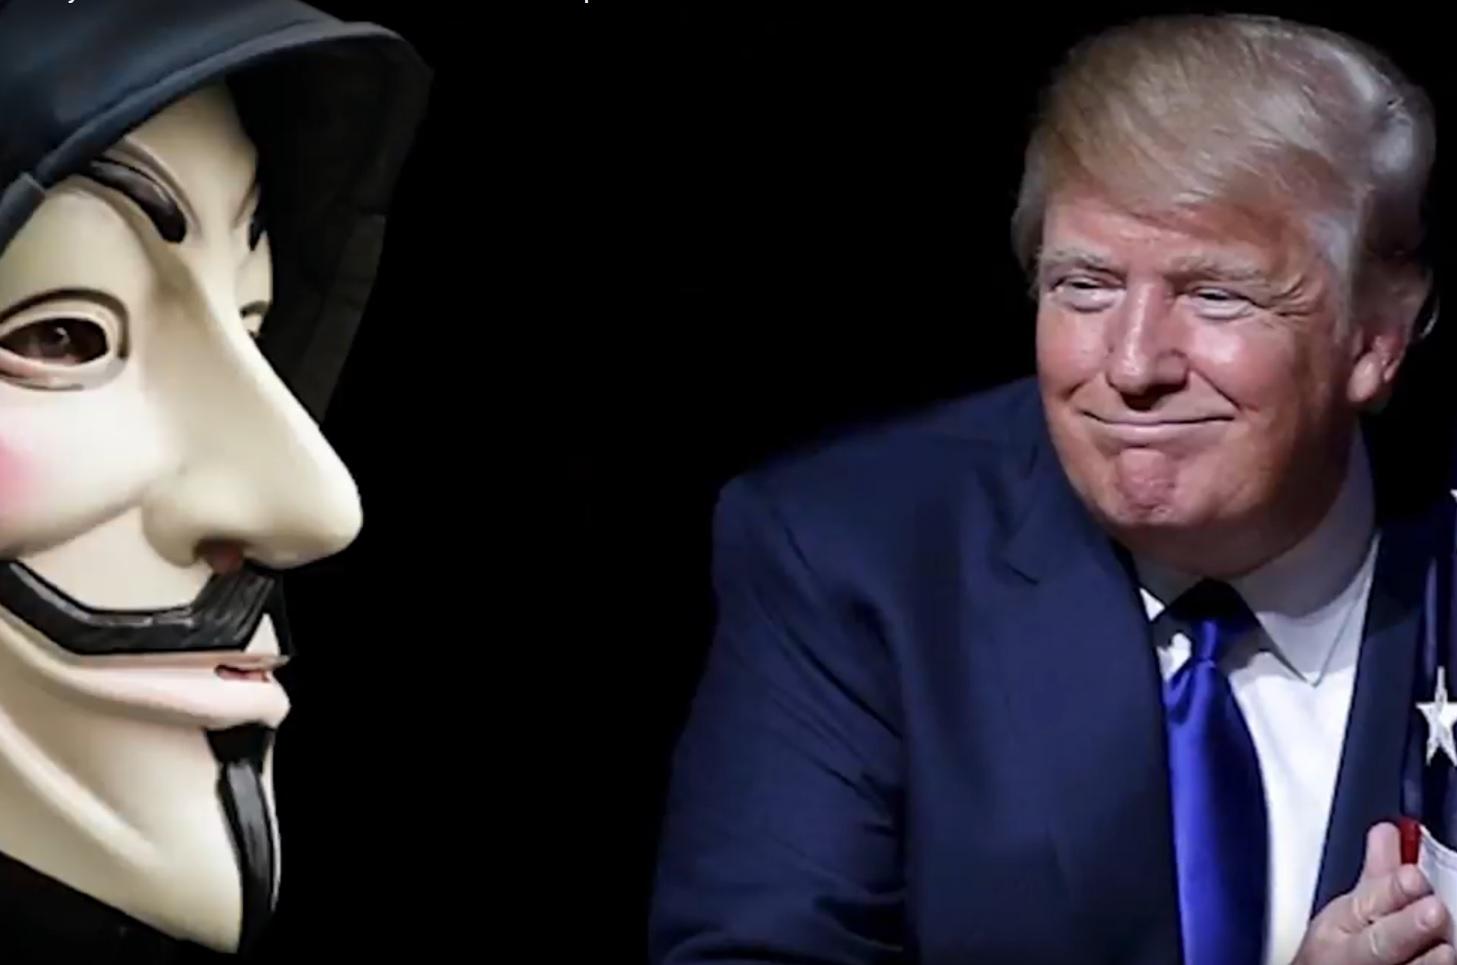 VIDEO: NAJAVILI RAT - Kako Anonymousi misle cyber napadima srušiti Donalda Trumpa